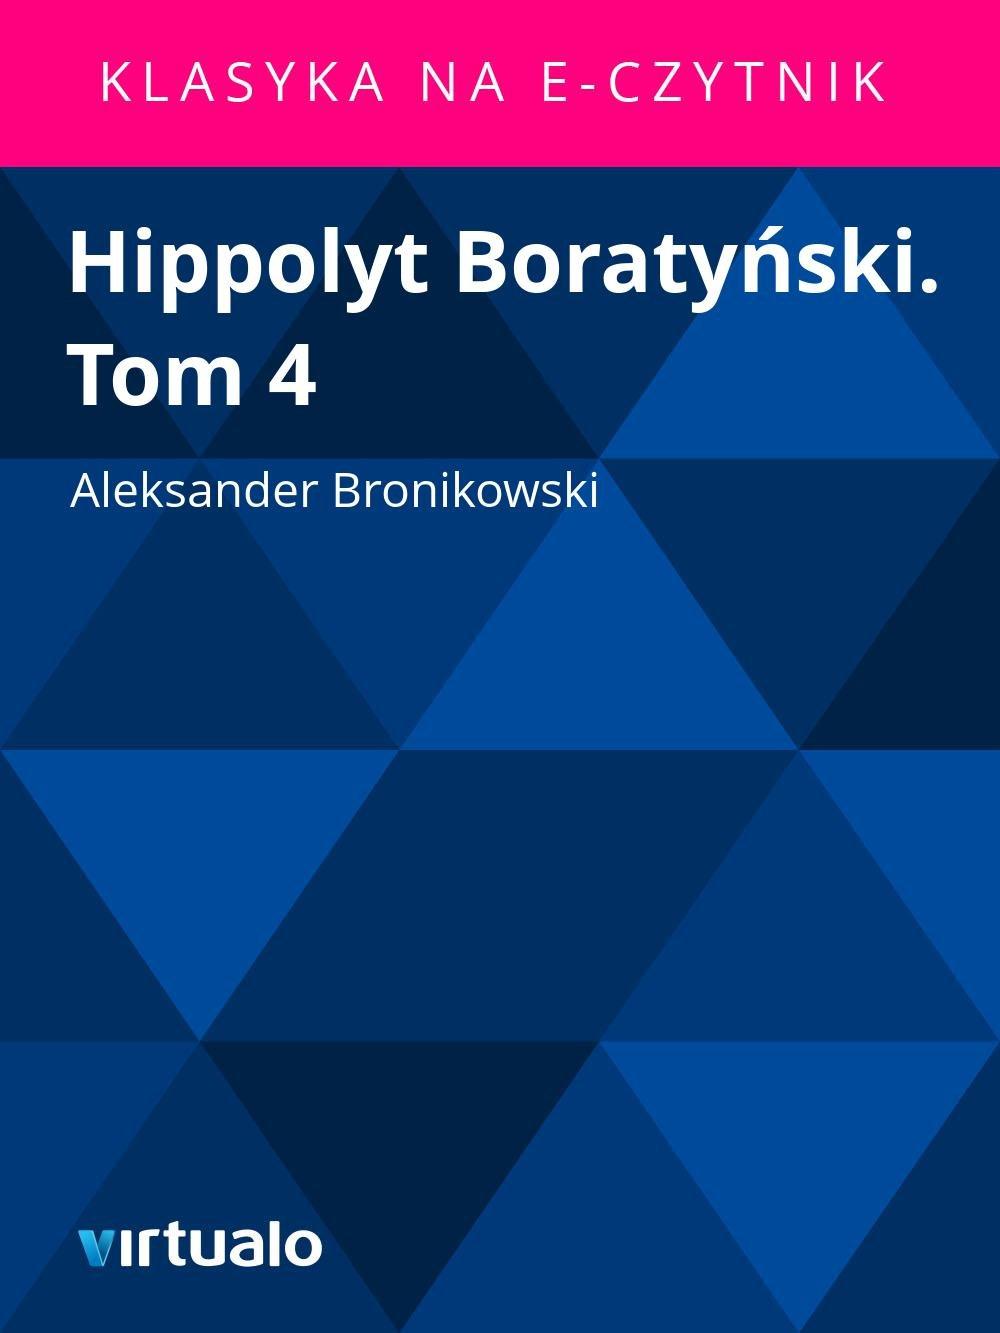 Hippolyt Boratyński. Tom 4 - Ebook (Książka EPUB) do pobrania w formacie EPUB